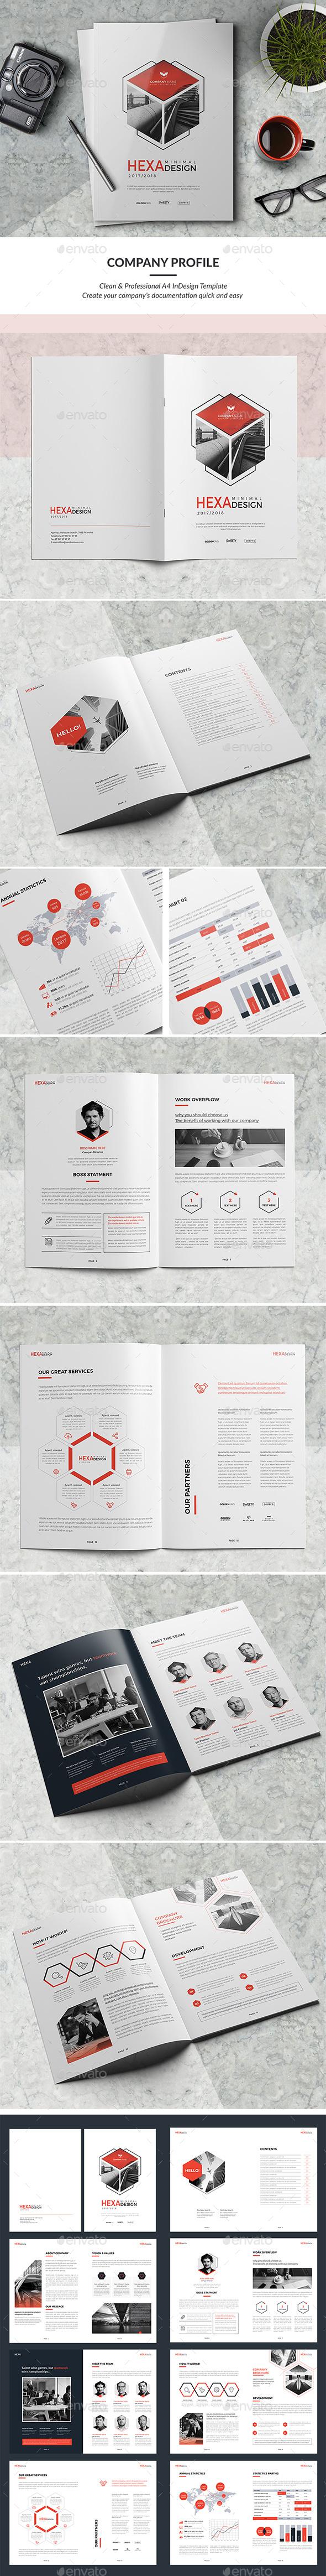 公司信息展示画册模版下载[indd]